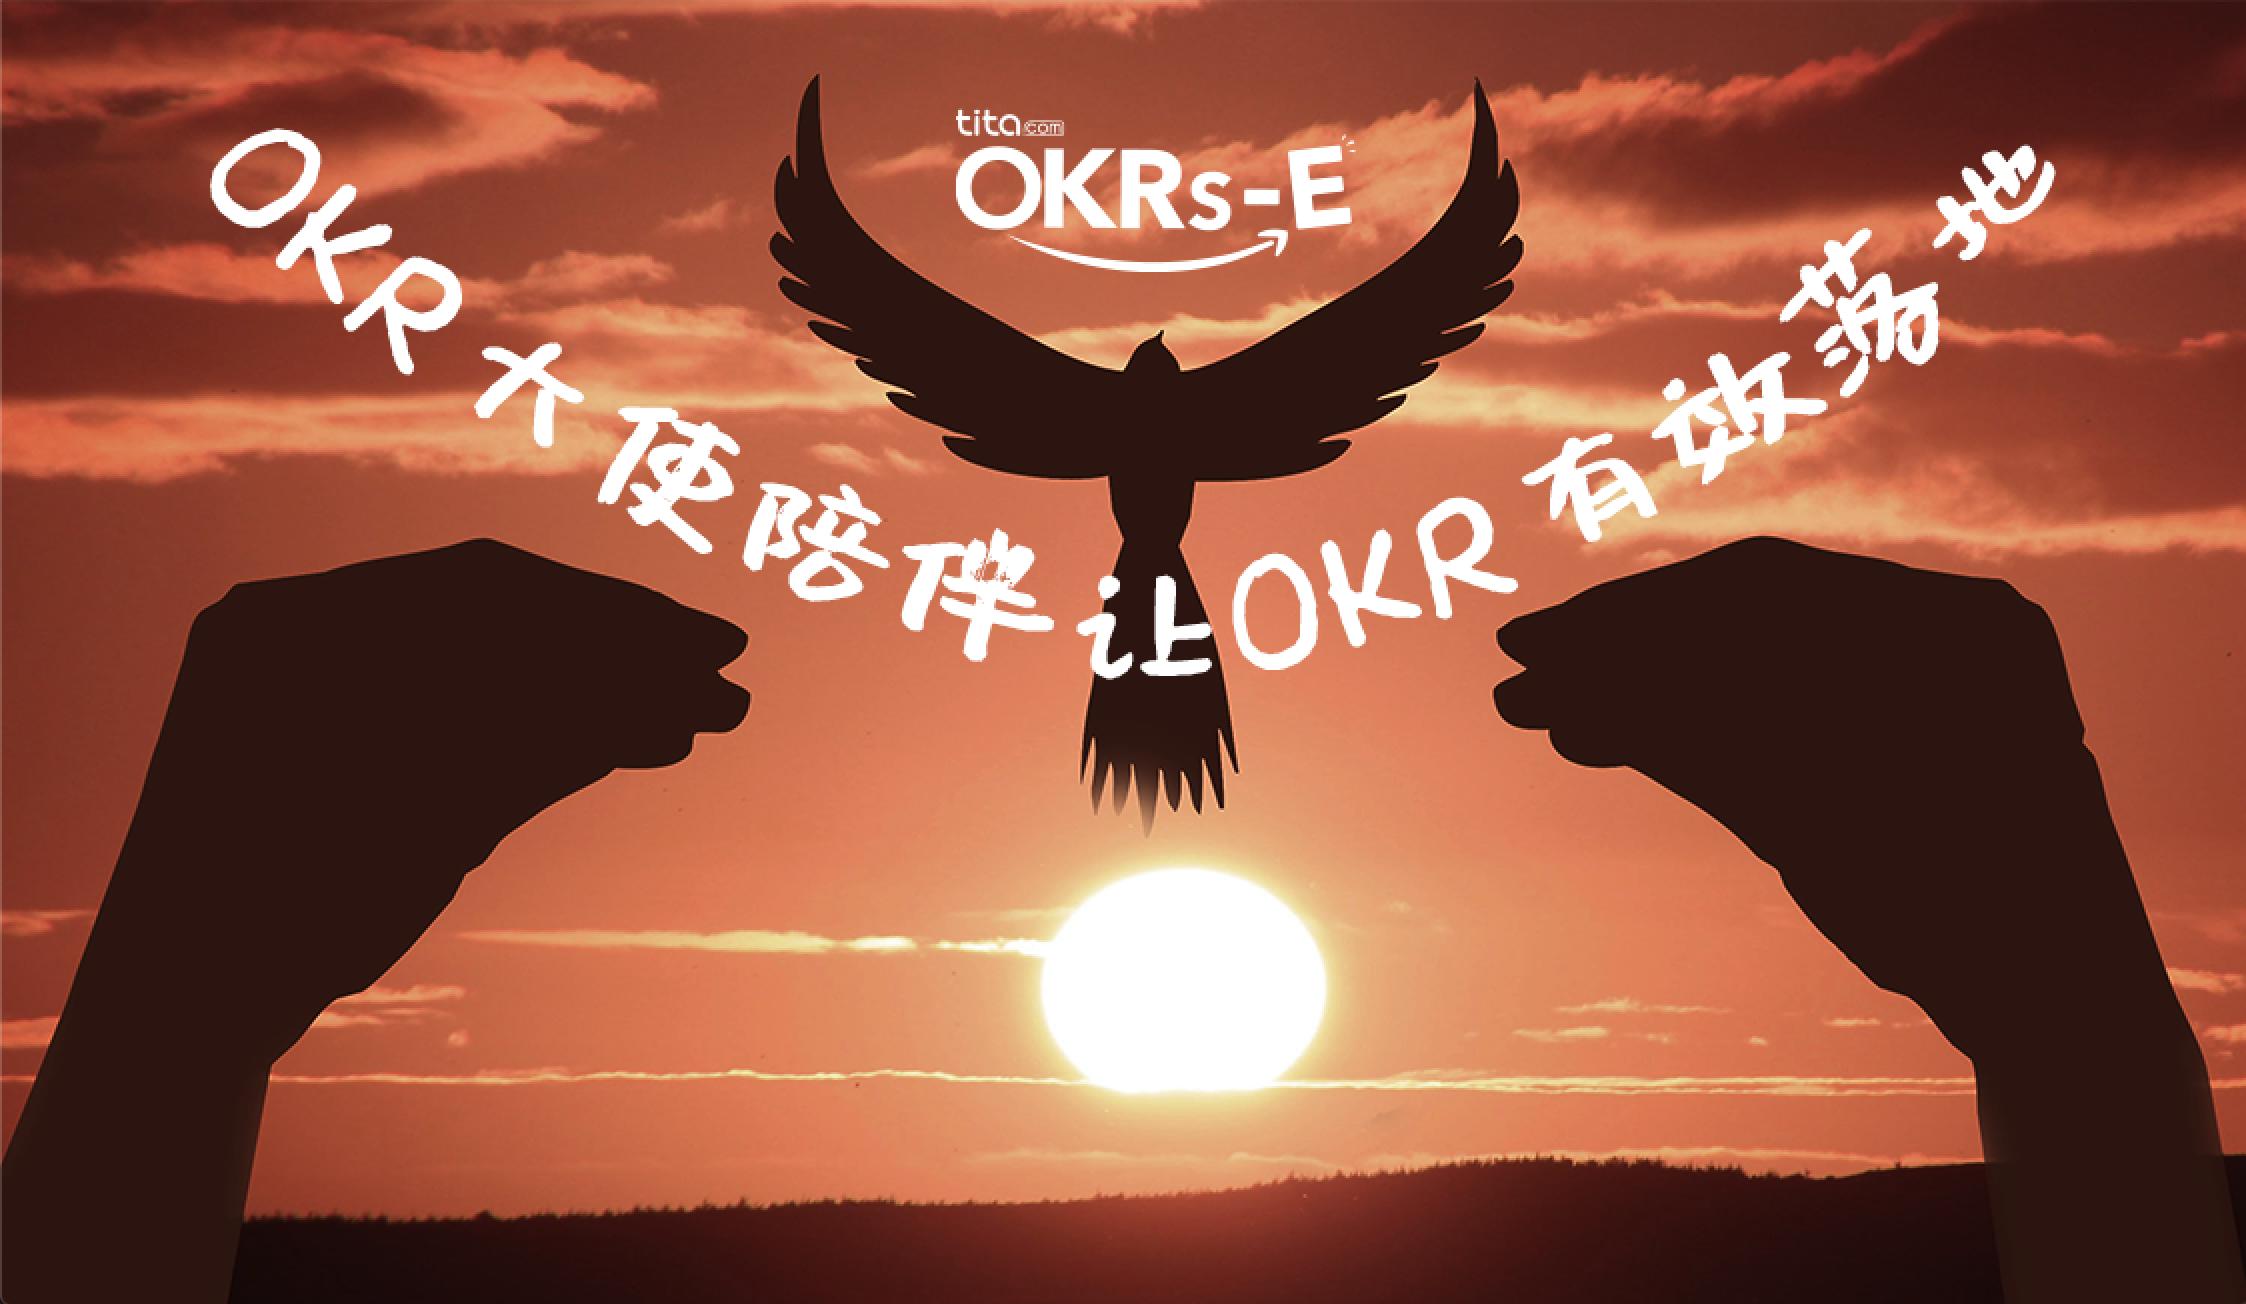 OKR 推行失败的原因